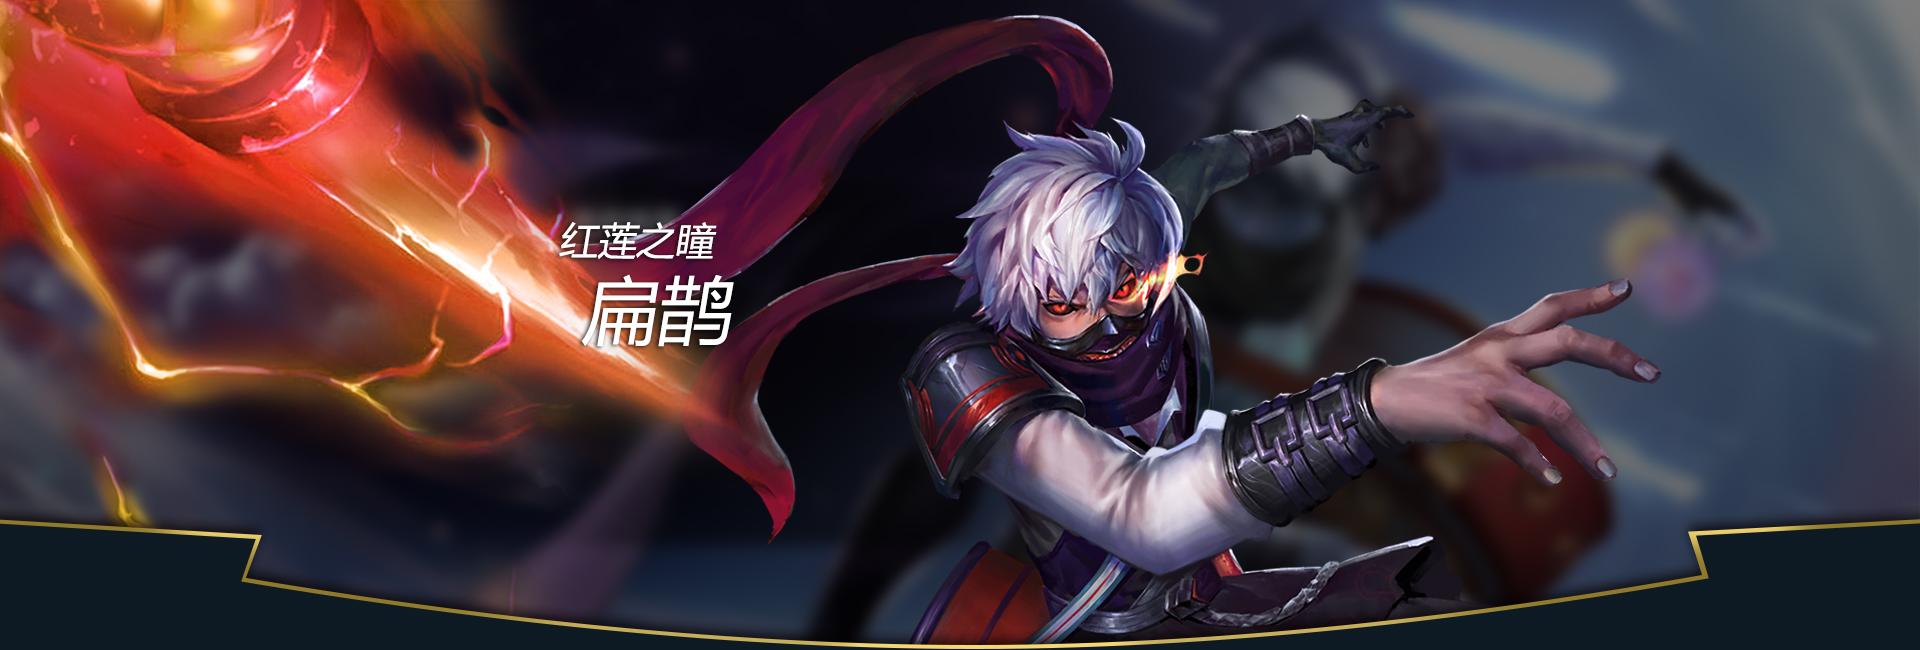 第2弹《王者荣耀英雄皮肤CG》竞技游戏82